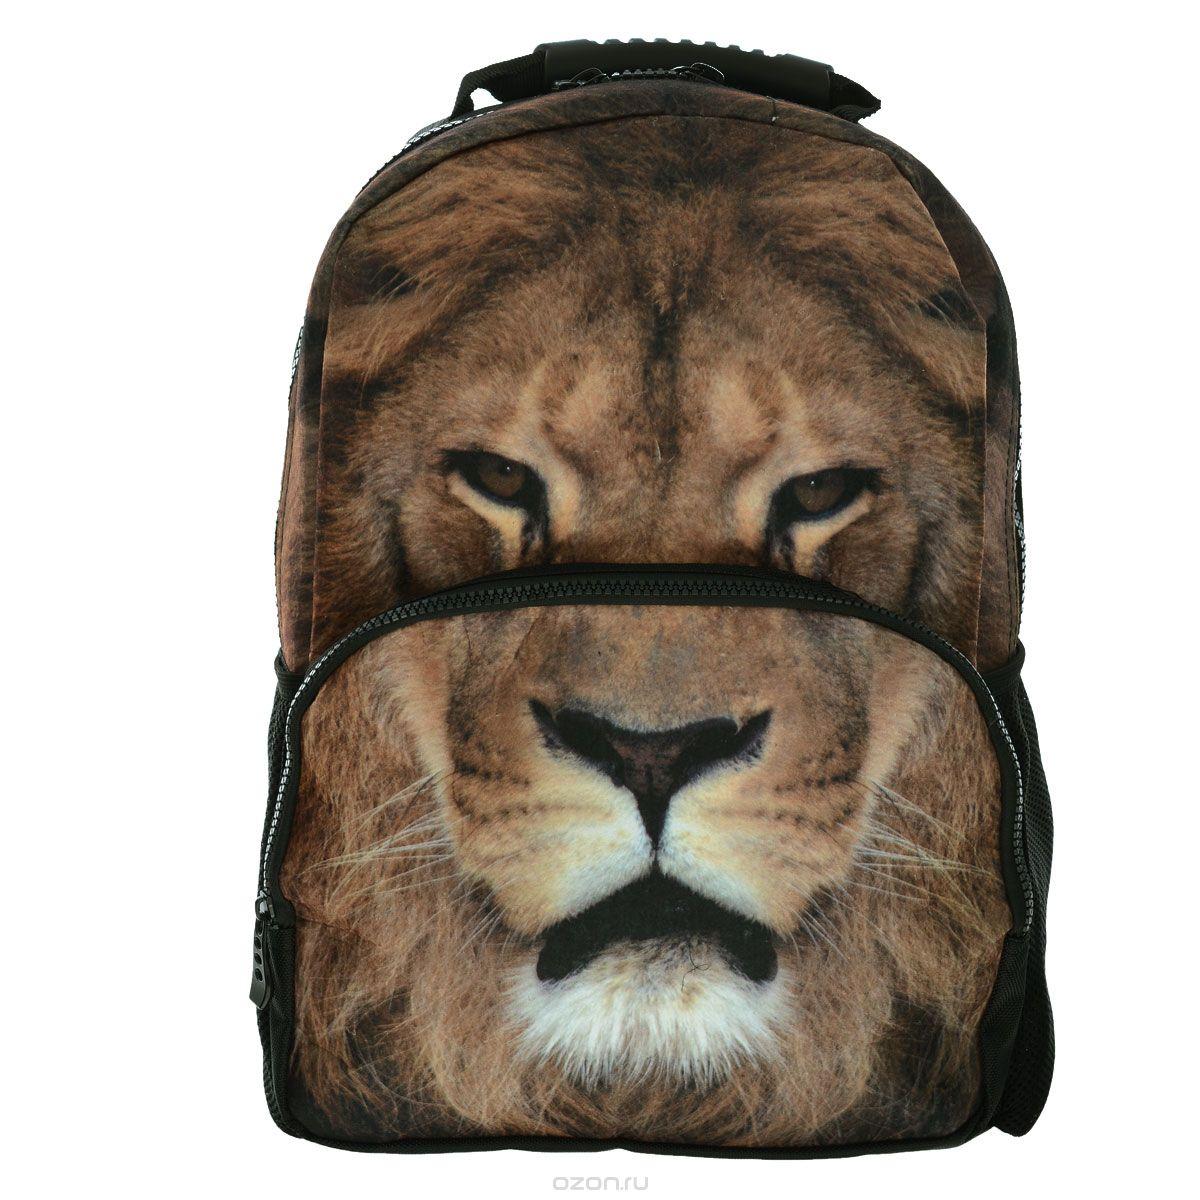 Рюкзак школьный Trend Line Lion, цвет: черныйNR_00062Стильный школьный рюкзак Trend Line выполнен из полиэстера, дополнен вставкой из флиса, которая оформлена художественной печатью с изображением Lion.Рюкзак имеет одно основное отделение, закрывающееся на застежку-молнию. Снаружи, на лицевой стороне, рюкзака размещен накладной карман на молнии, внутри которого предусмотрен еще один накладной карман на липучке. С двух сторон изделия расположены два накладных сетчатых кармашка. В верхней части изделия предусмотрена эргономичная ручка для переноски, а также предусмотрены регулируемые лямки.Такой рюкзак станет незаменимым спутником вашего ребенка в походах за знаниями.